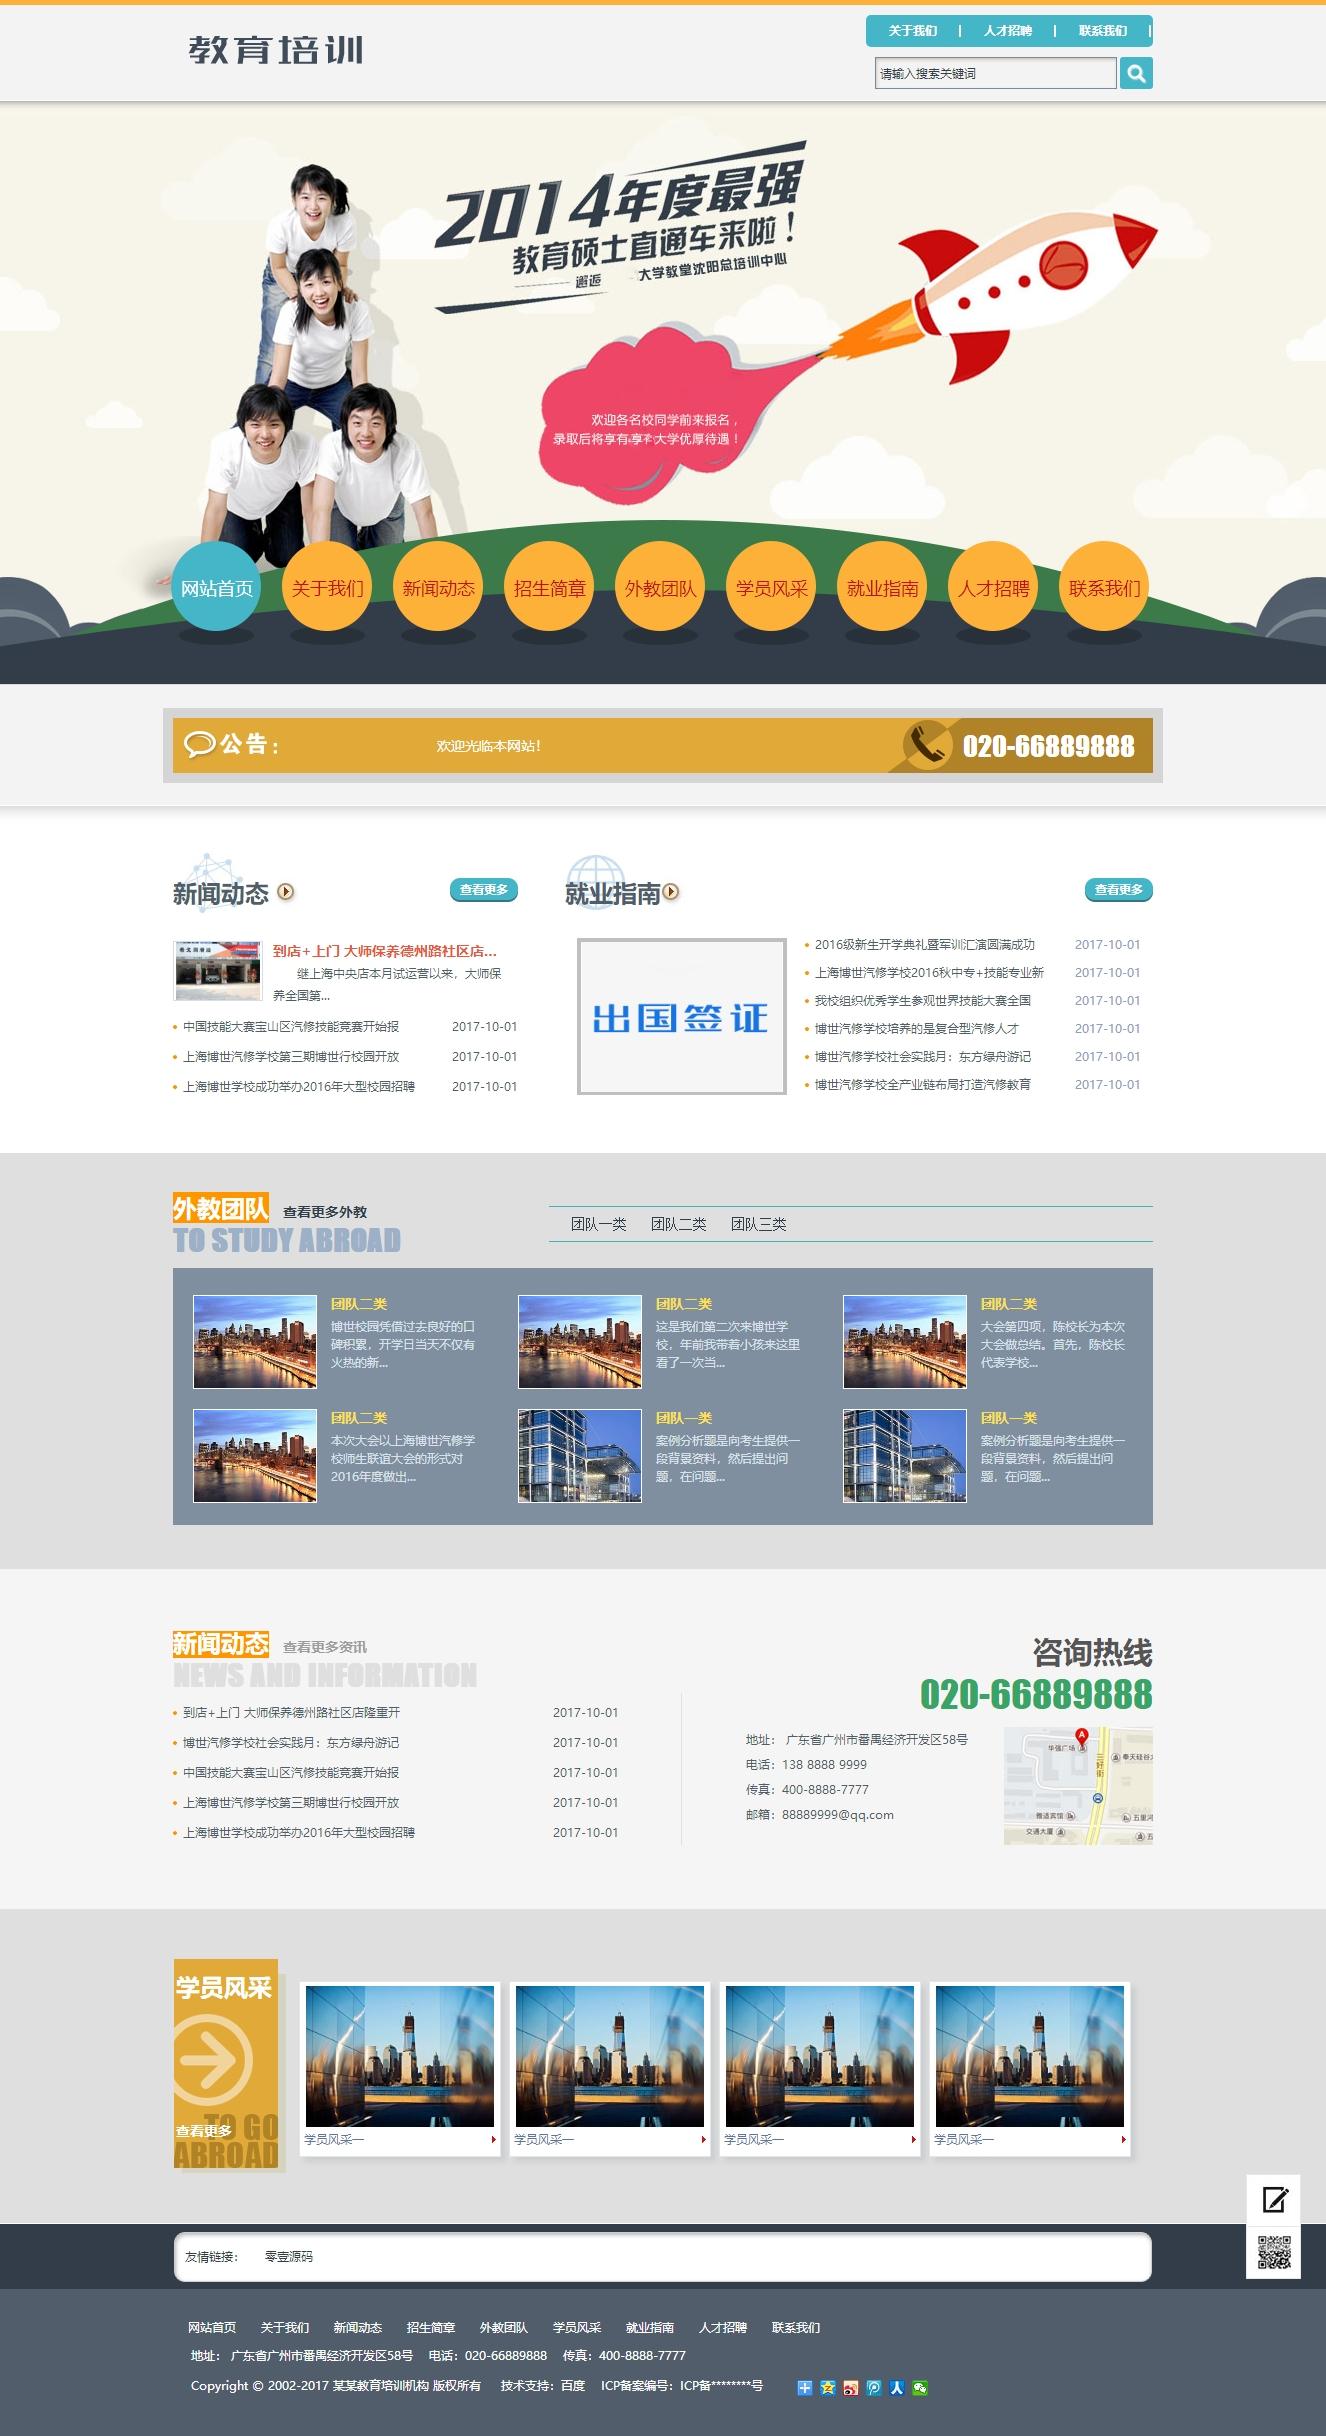 教育培训出国留学类网站织梦dedecms模板(带手机端)